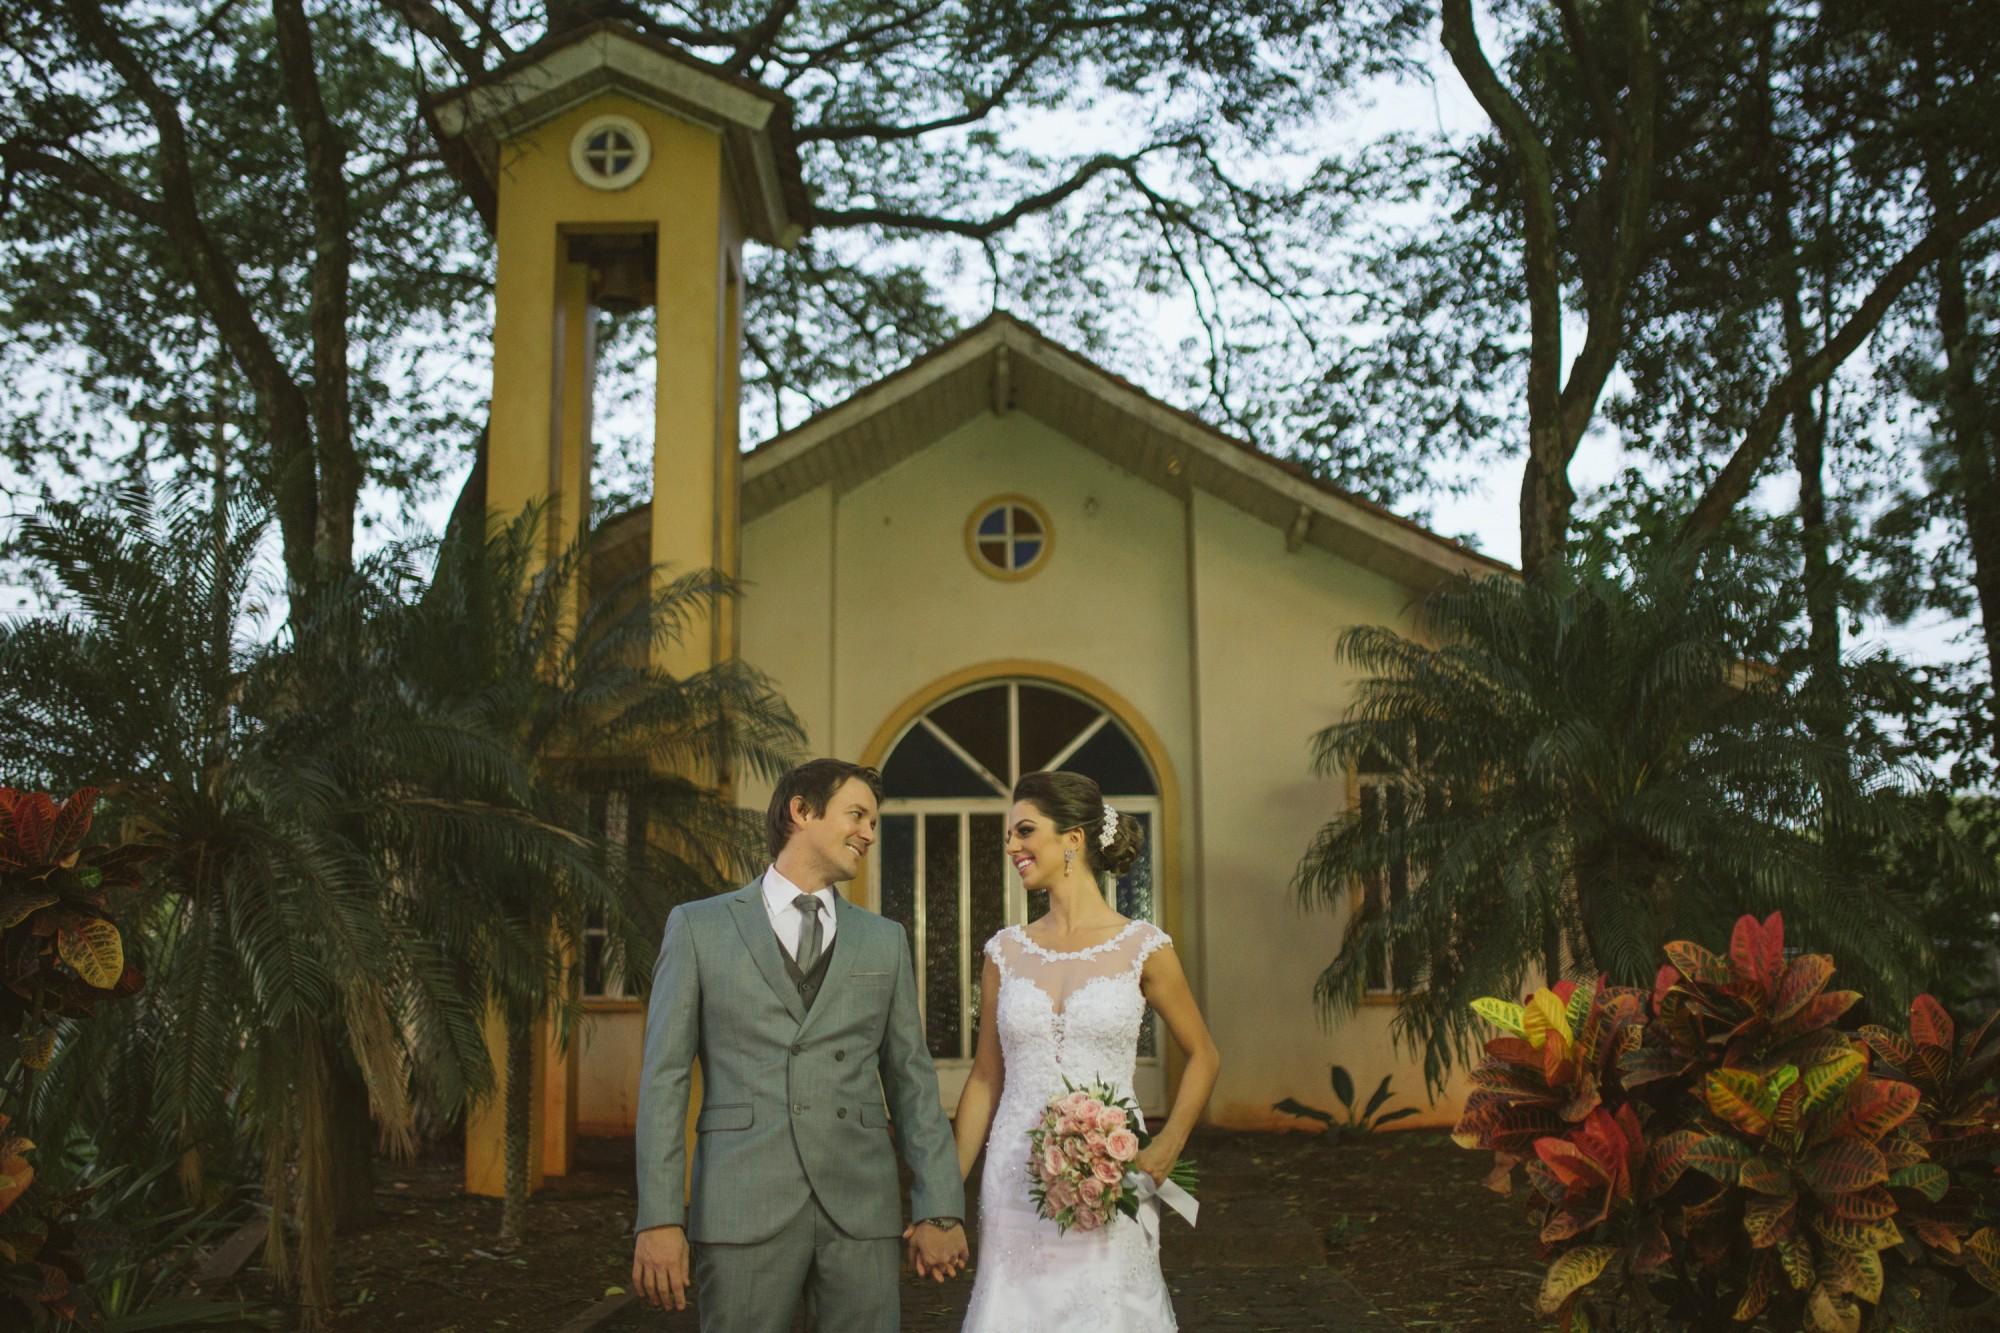 Maiara Kuki e Ricardo - Casamento em Palotina - PR por Lorran Souza e Léia Sotile - fotografo de casamentos00017